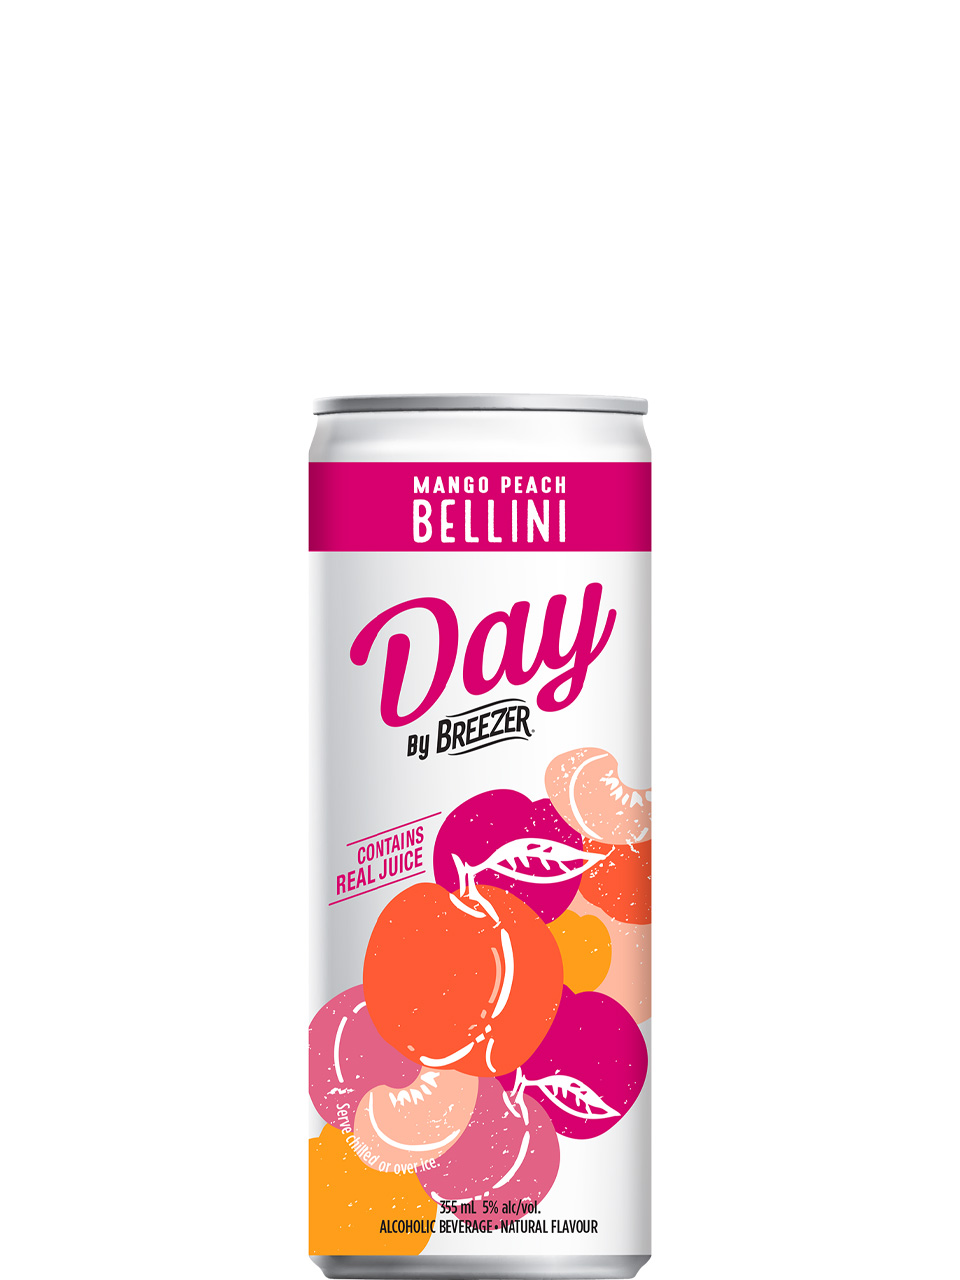 Breezer DAY Mango Peach Bellini 6 Pack Cans